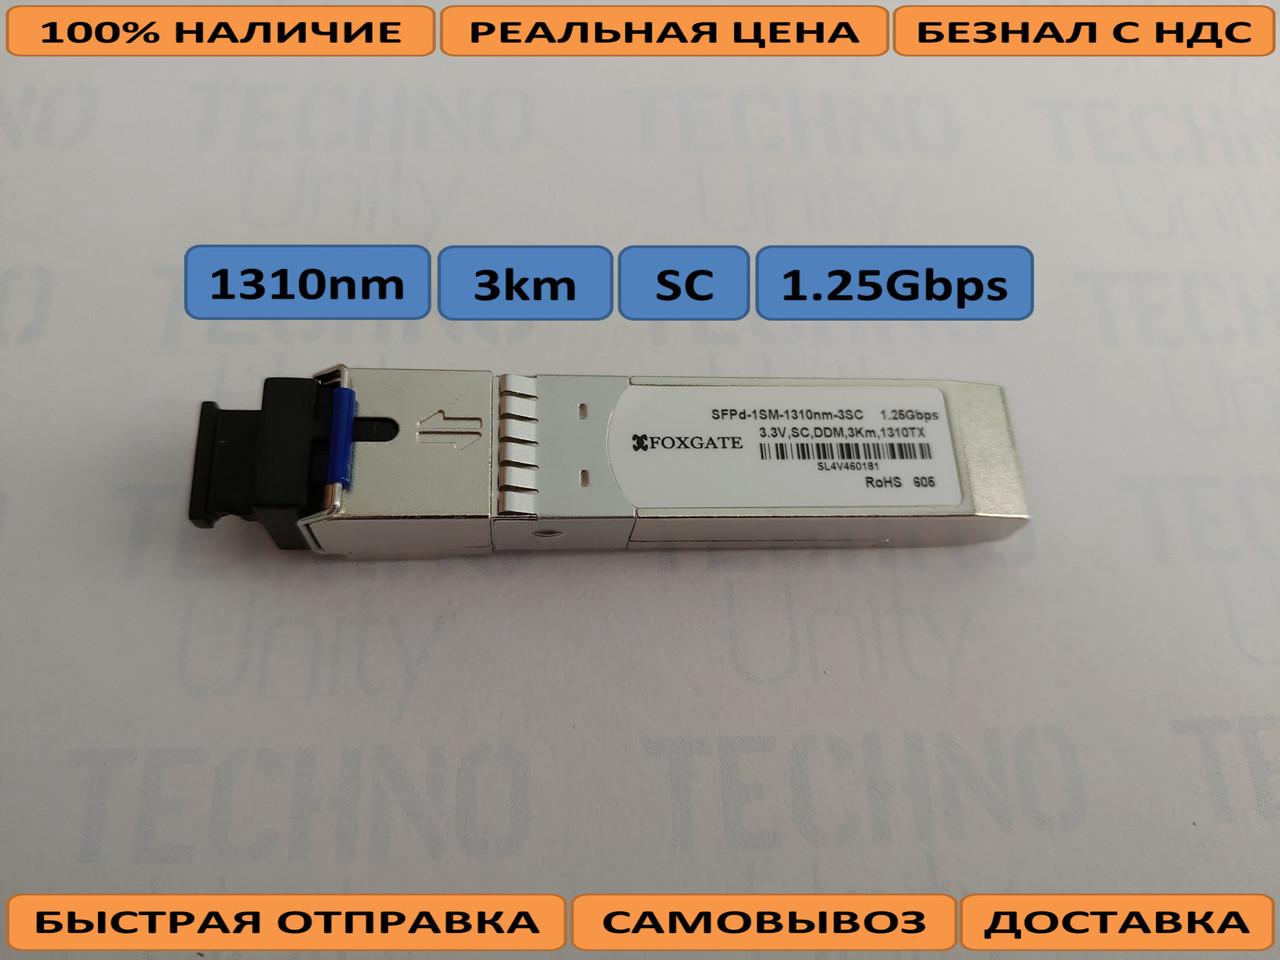 Модуль SFP SFPd-1SM-1330nm-3SC FoxGate